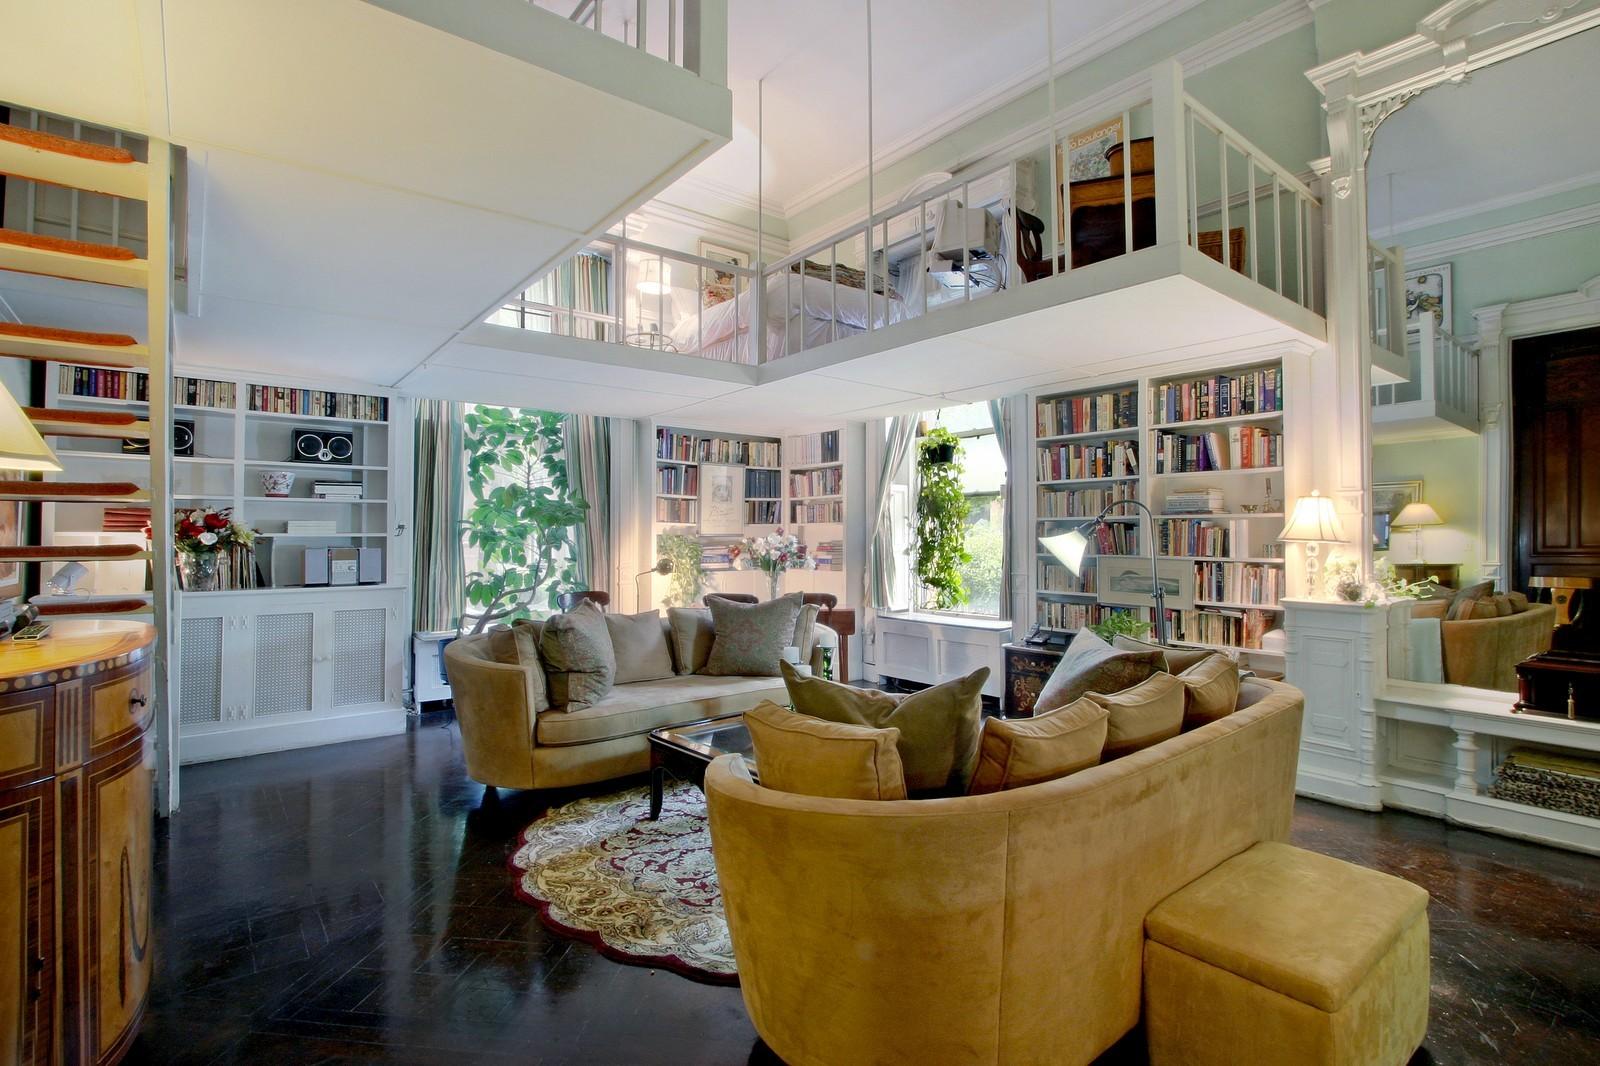 10 montague terrace brooklyn ny 11201 virtual tour douglas real estate photography 10 montague terrace brooklyn ny 11201 living room